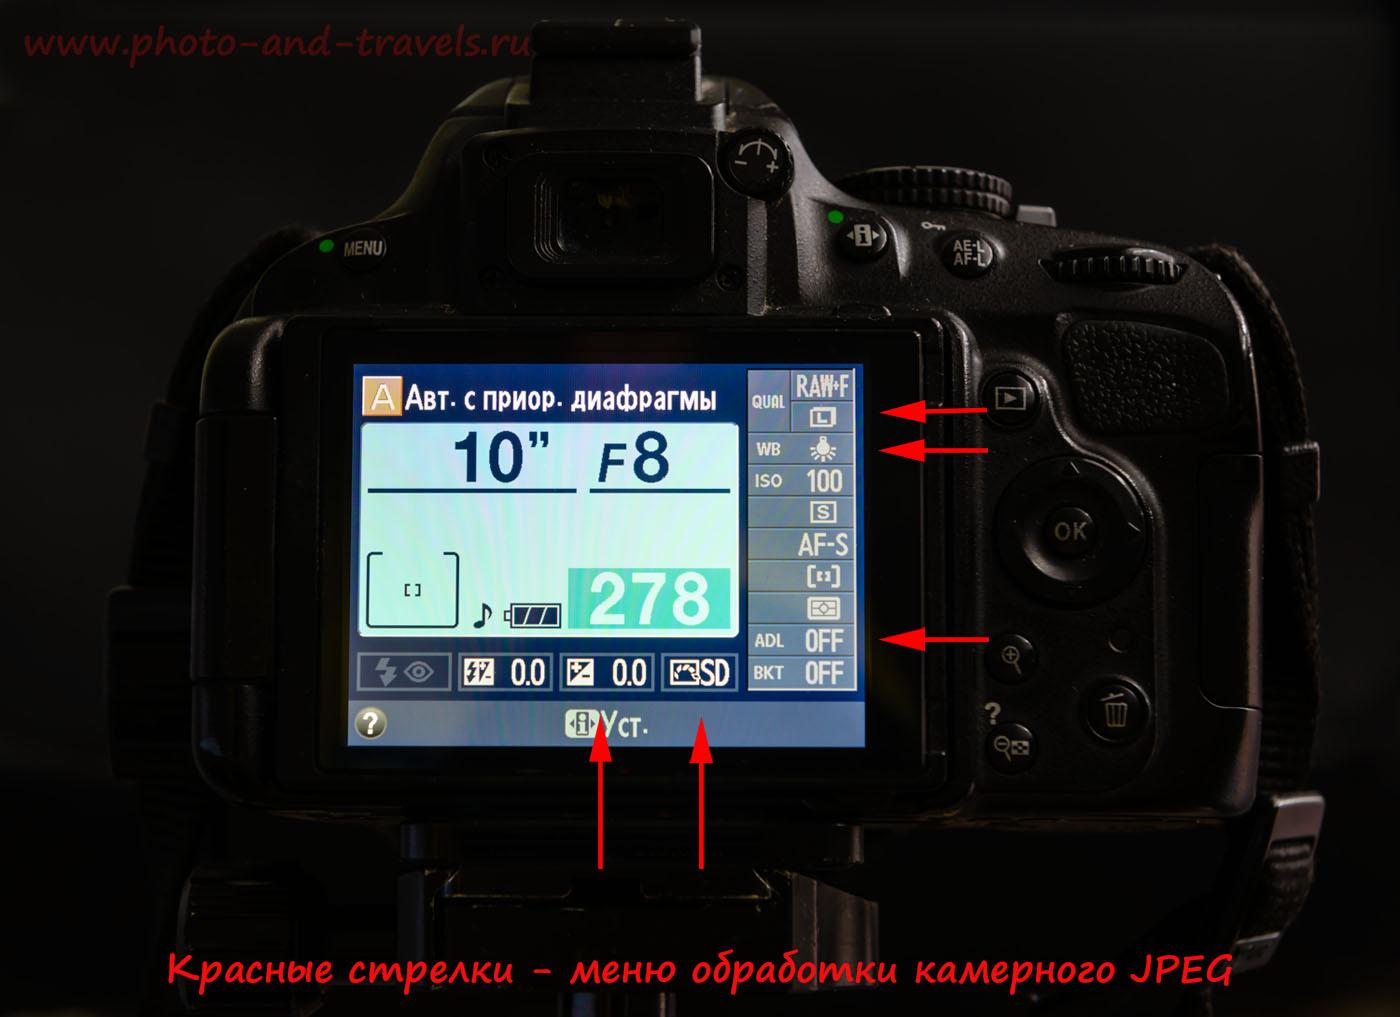 Фотография 6. При съемке в JPEG фотограф заранее, до нажатия на кнопку спуска затвора, должен правильно выбрать все настройки камеры (степень сжатия Джипег, баланс белого, резкость, контраст, яркость, насыщенность, оттенок, увеличение или уменьшение яркости).